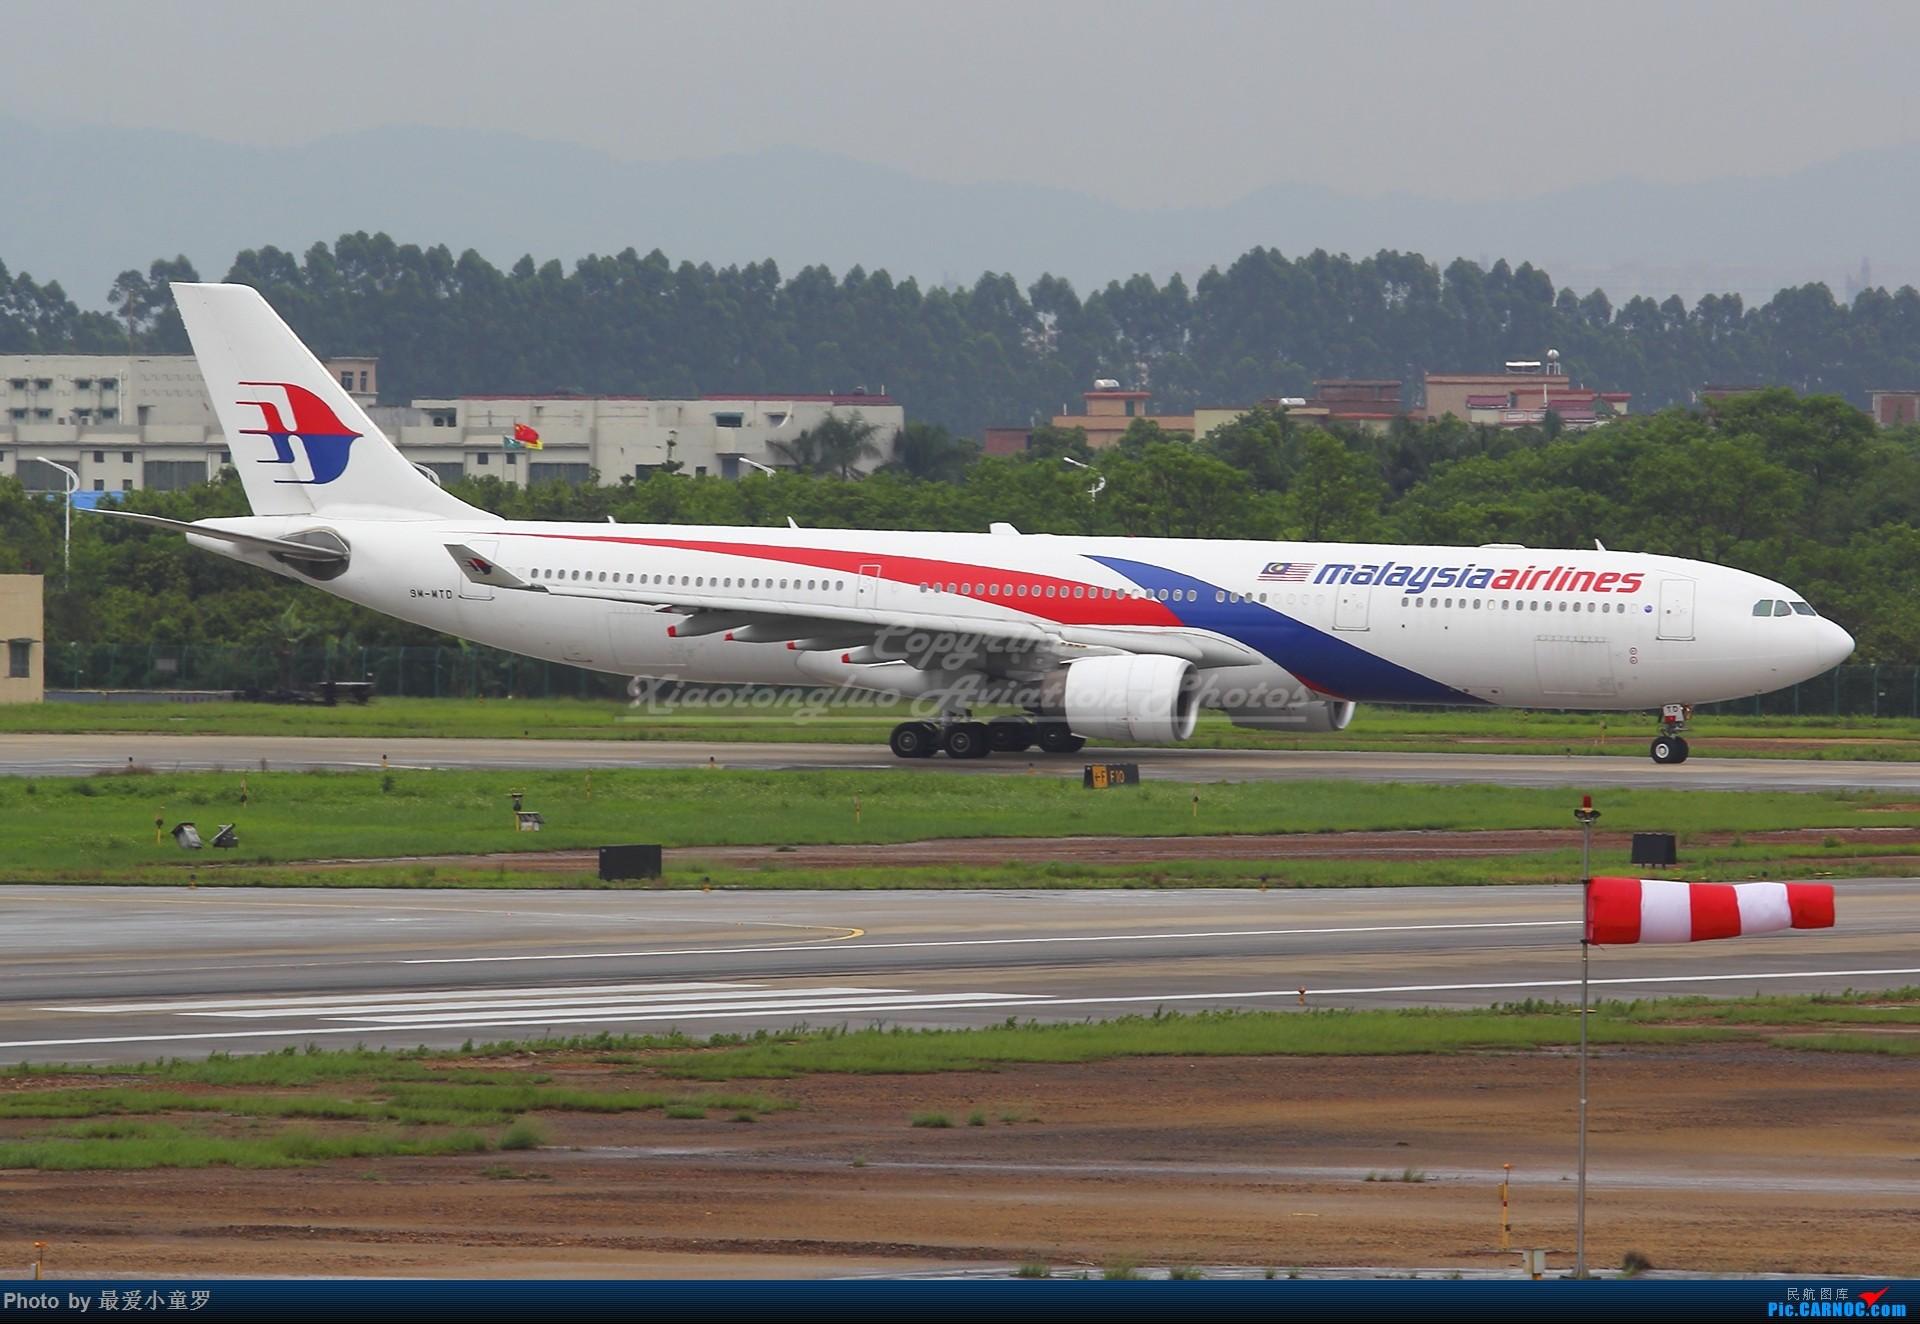 Re:[原创]2013-2018,系列组图纪念拍机5周年 AIRBUS A330-300 9M-MTD 中国广州白云国际机场